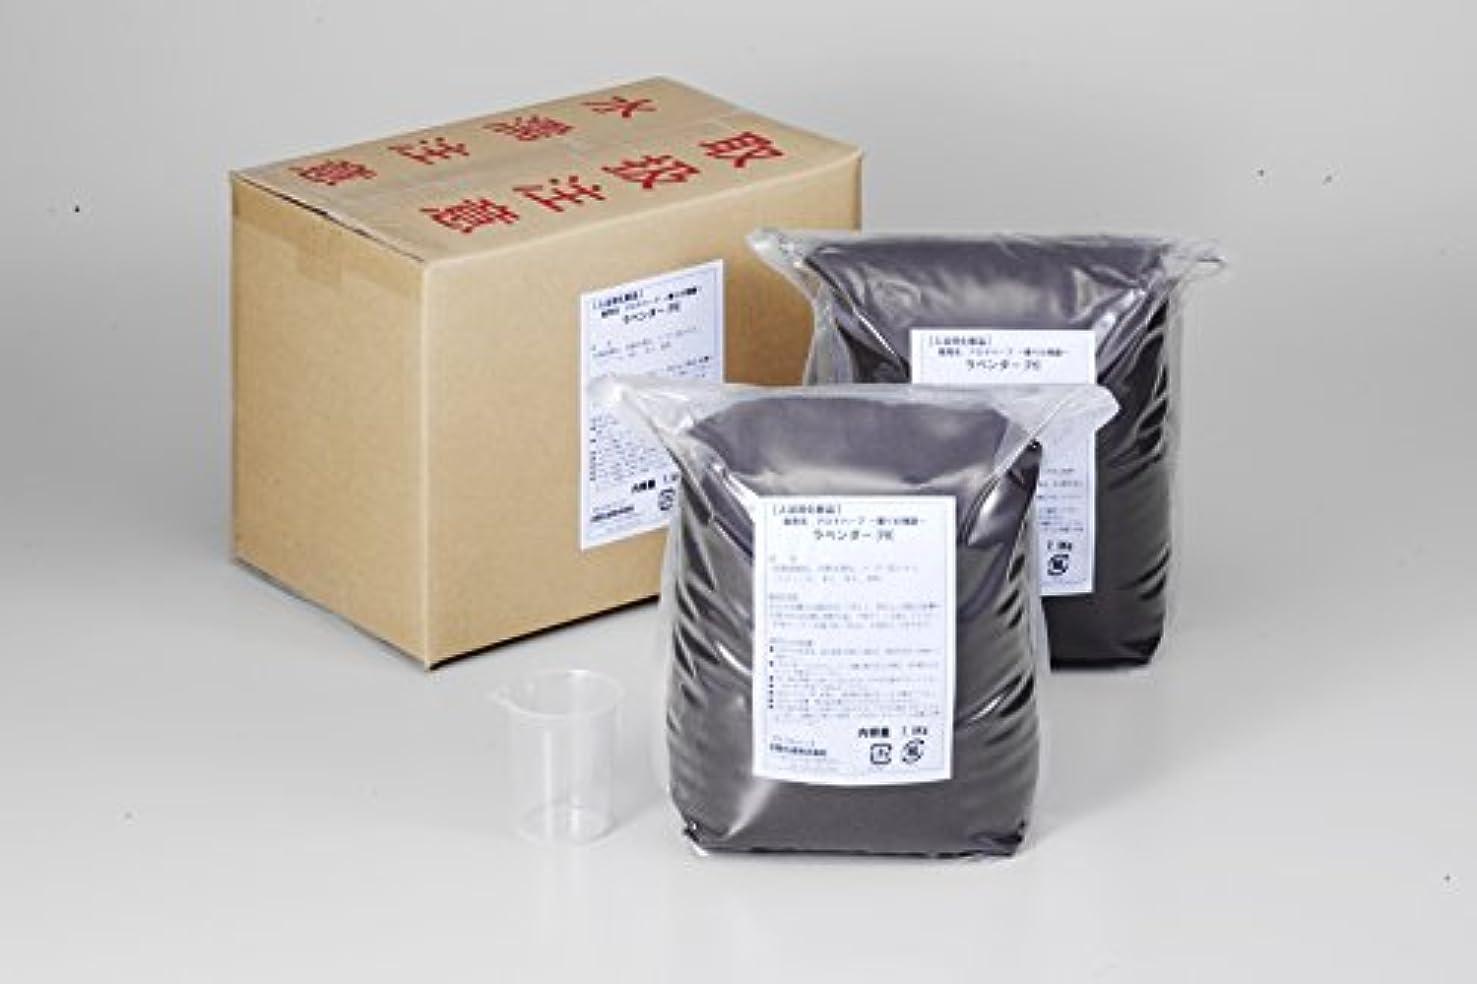 そして木伝導業務用入浴剤「ラベンダー」15kg(7.5kg×2)